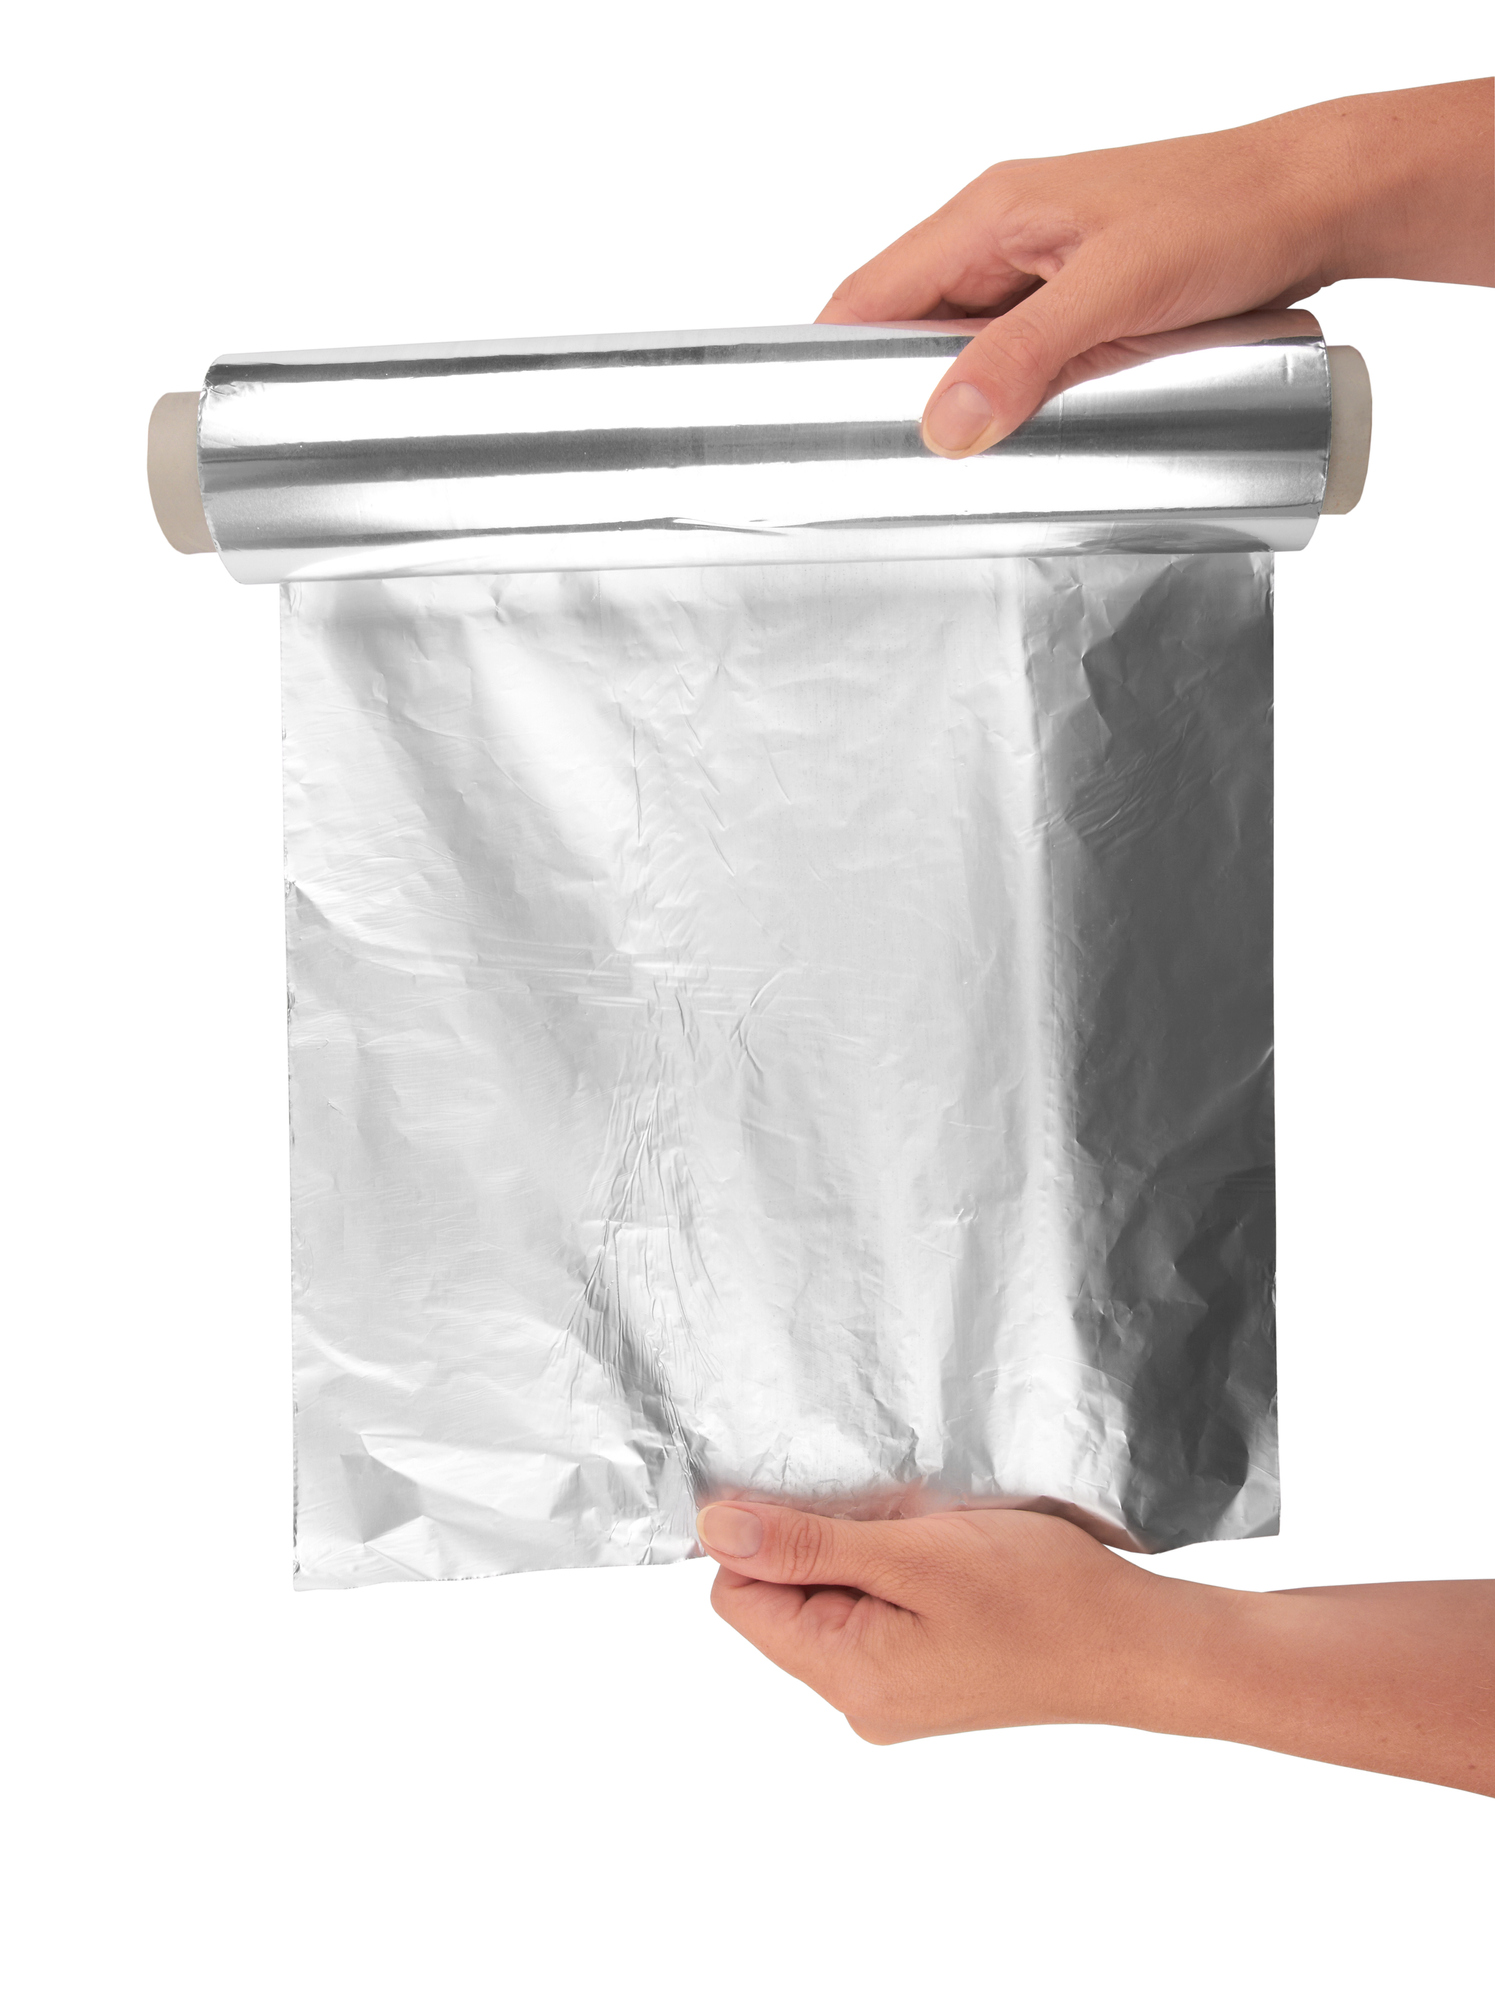 Алуминиево фолио.<br /> Всеки предмет, който има съдържание на метали, е опасен за микровълновата ви.